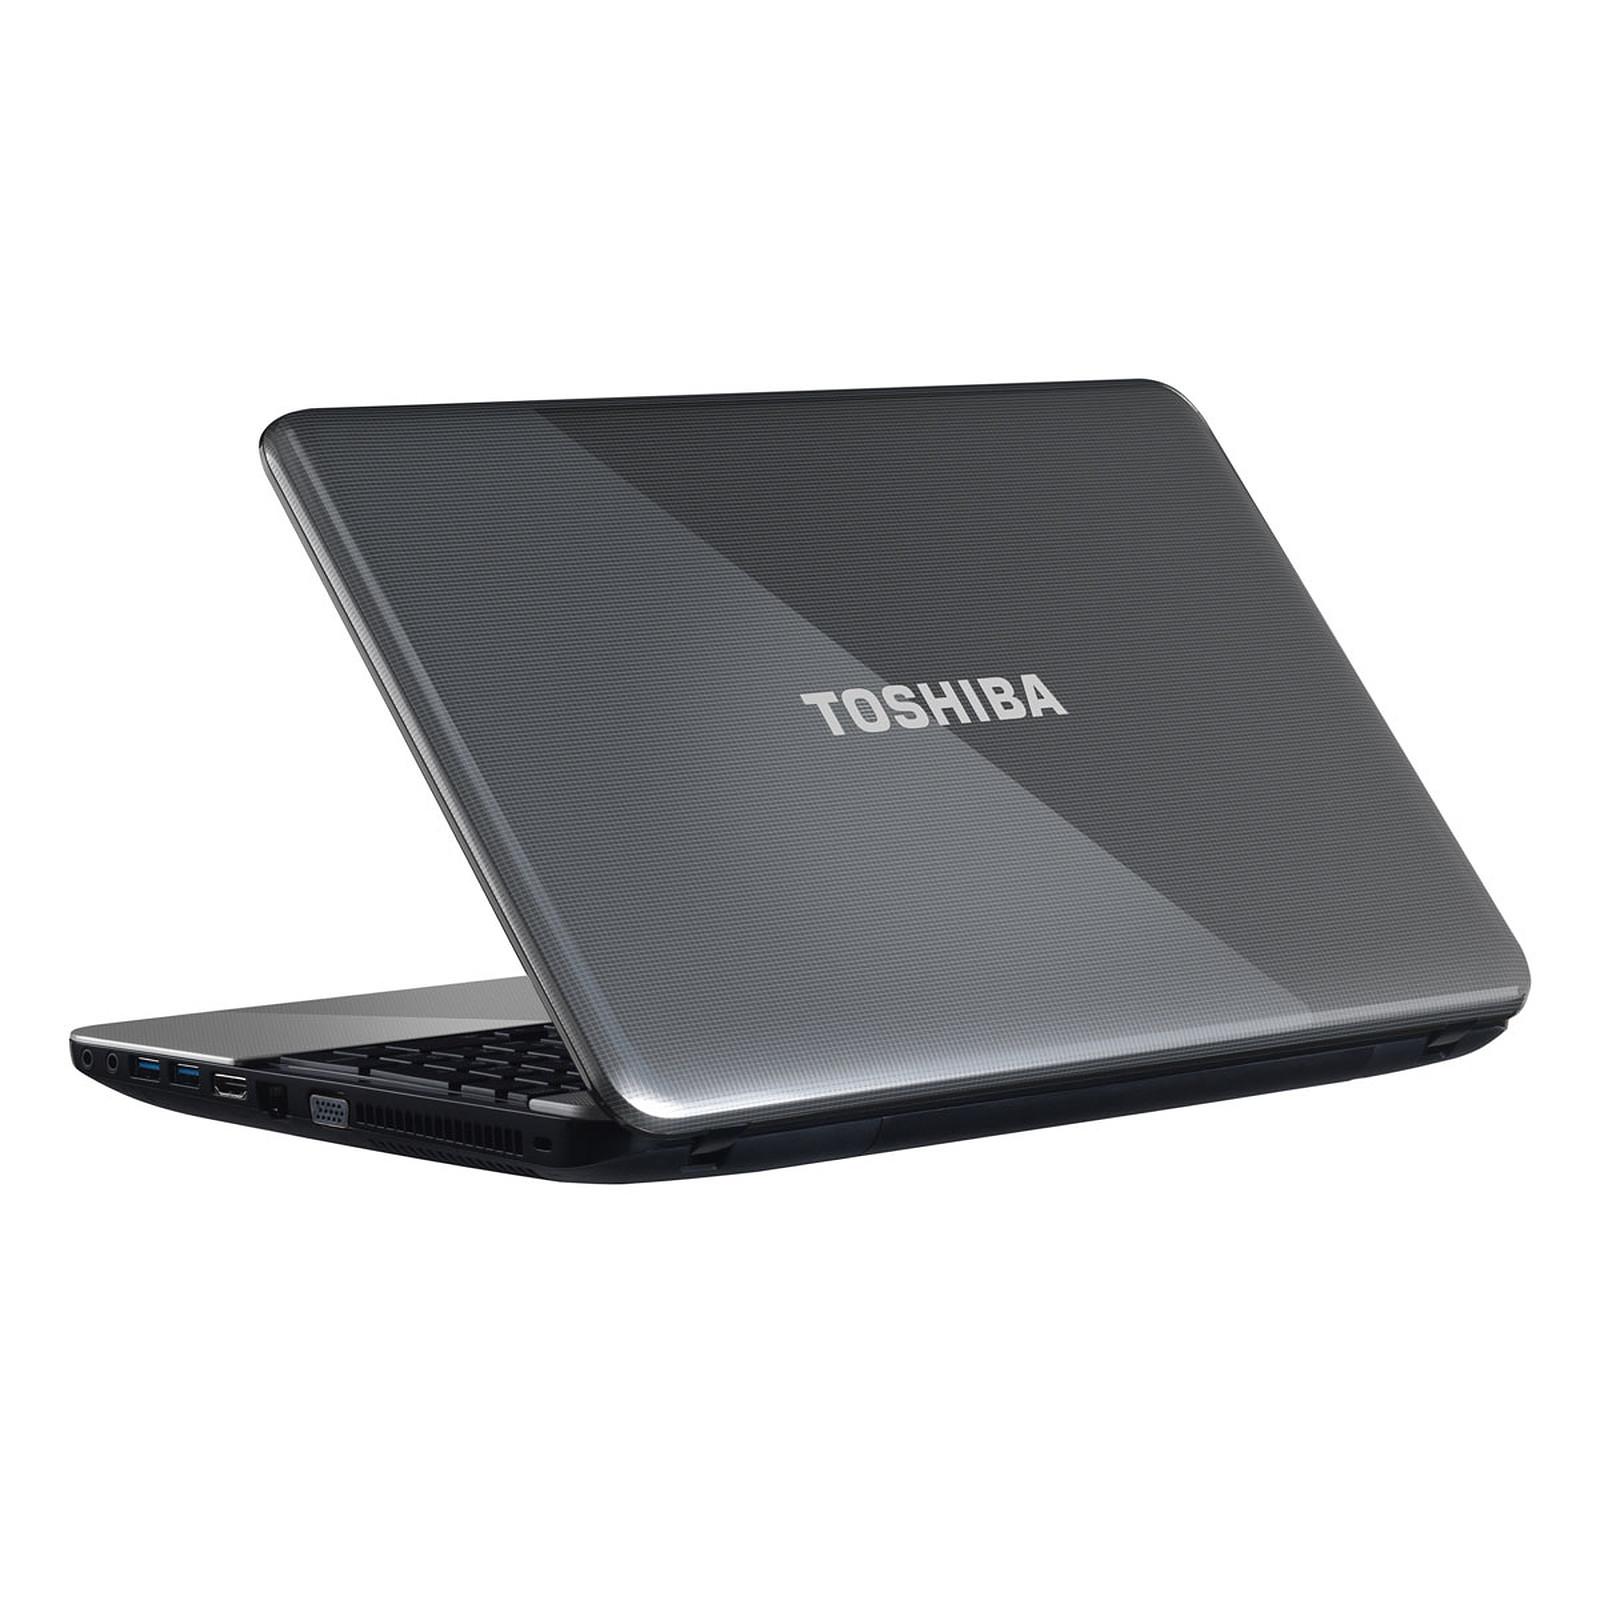 Toshiba Satellite Pro L850-120 Gris